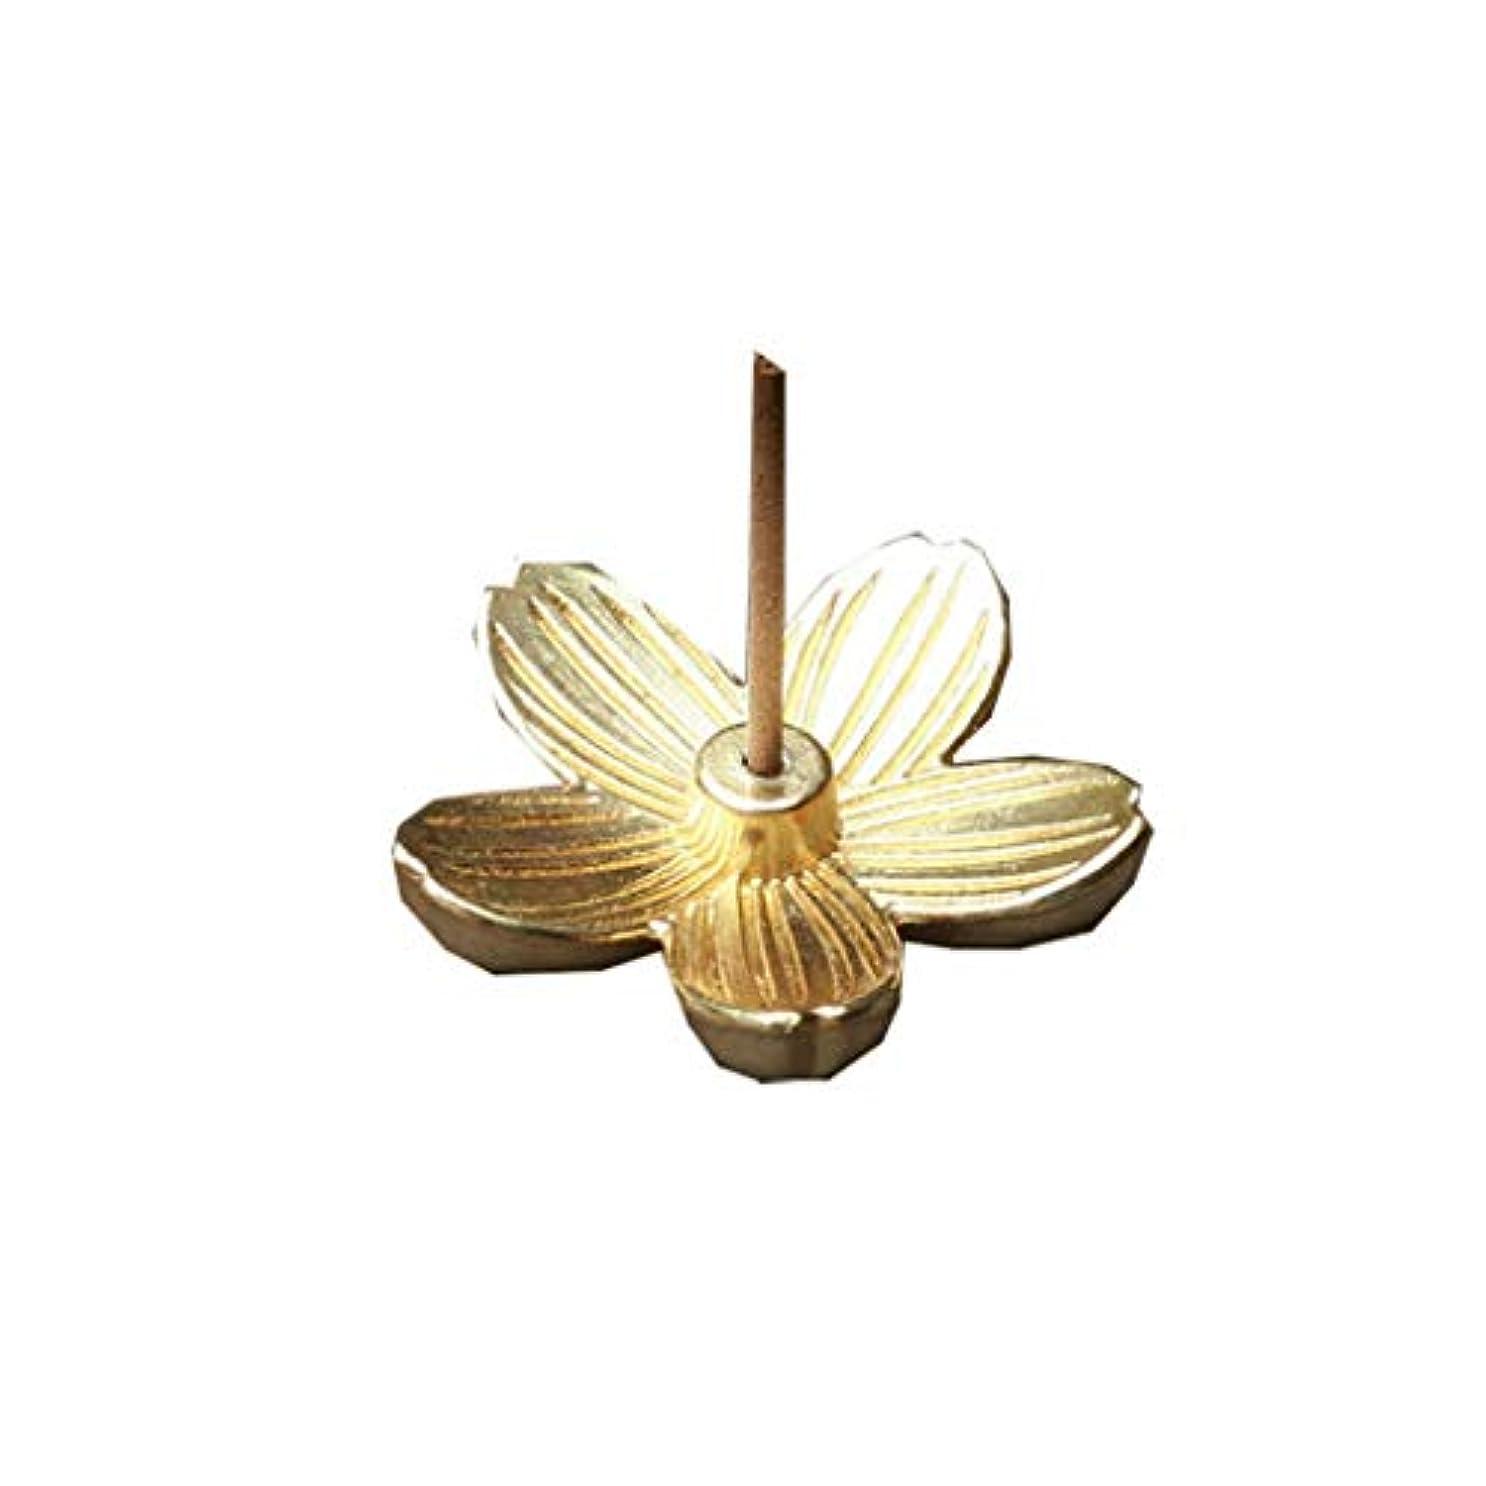 体系的に柔らかい足ビームクリエイティブヴィンテージ銅アートさくら型の香炉香スティックコーンホルダーホーム仏教の装飾誕生日お香ホルダー (Color : Gold, サイズ : 1.14*1.14inchs)